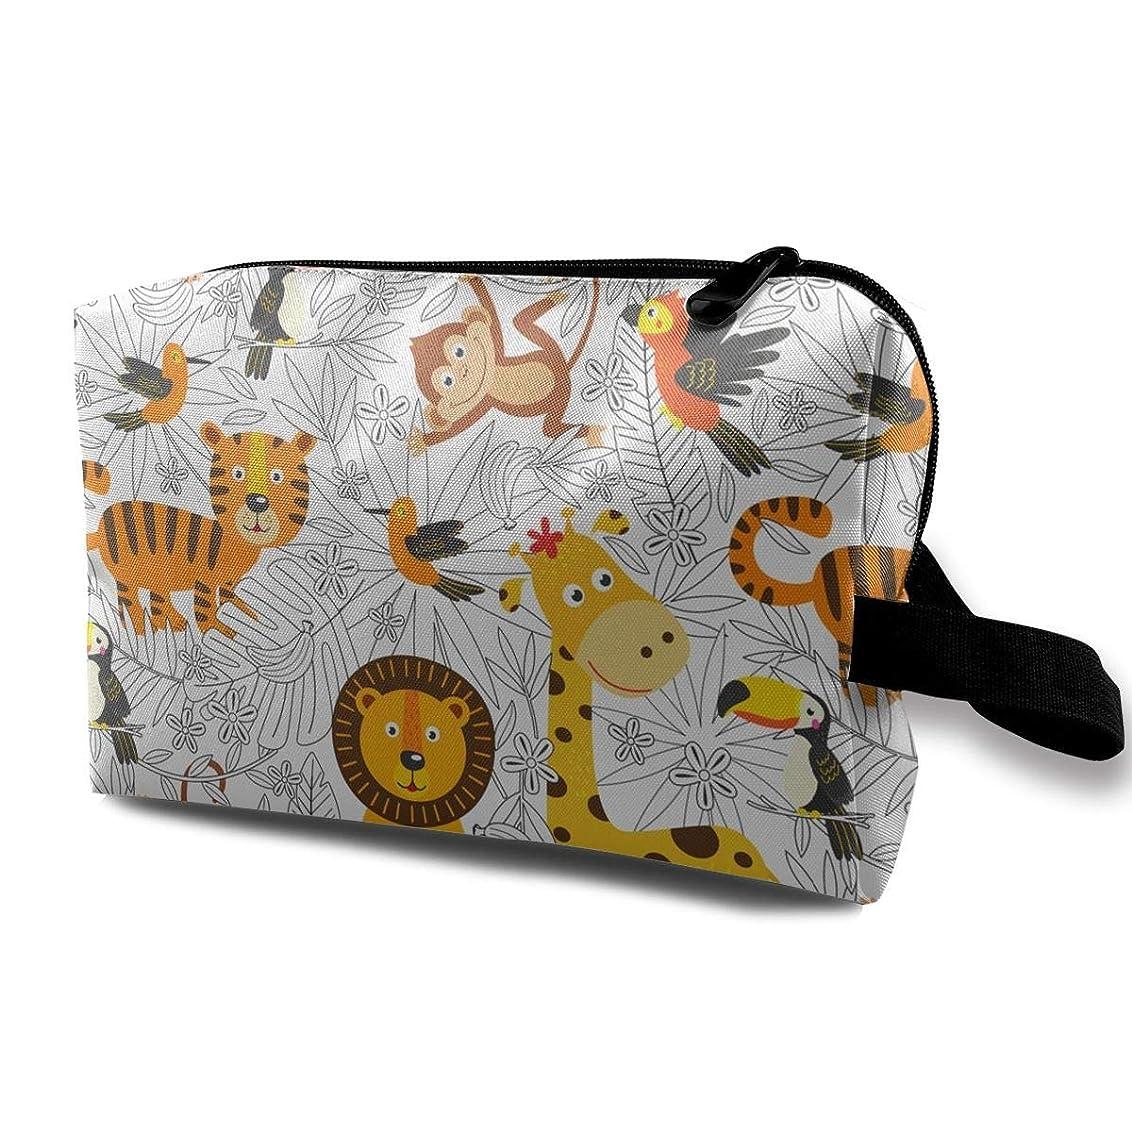 パターン提案類推化粧ポーチ トイレタリーバッグ トラベルポーチ 森の中の動物 防水耐震 大容量 収納ポーチ 出張 海外 旅行グッズ 男女兼用